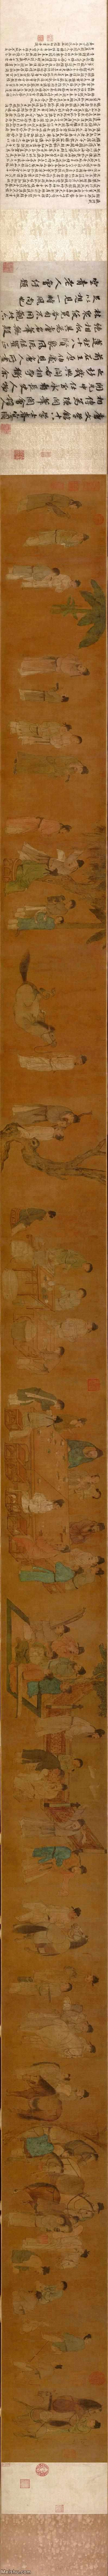 【打印级】GH7270599古画宋-佚名-春宴图卷A版长卷图片-97M-28380X1200_1162067.jpg